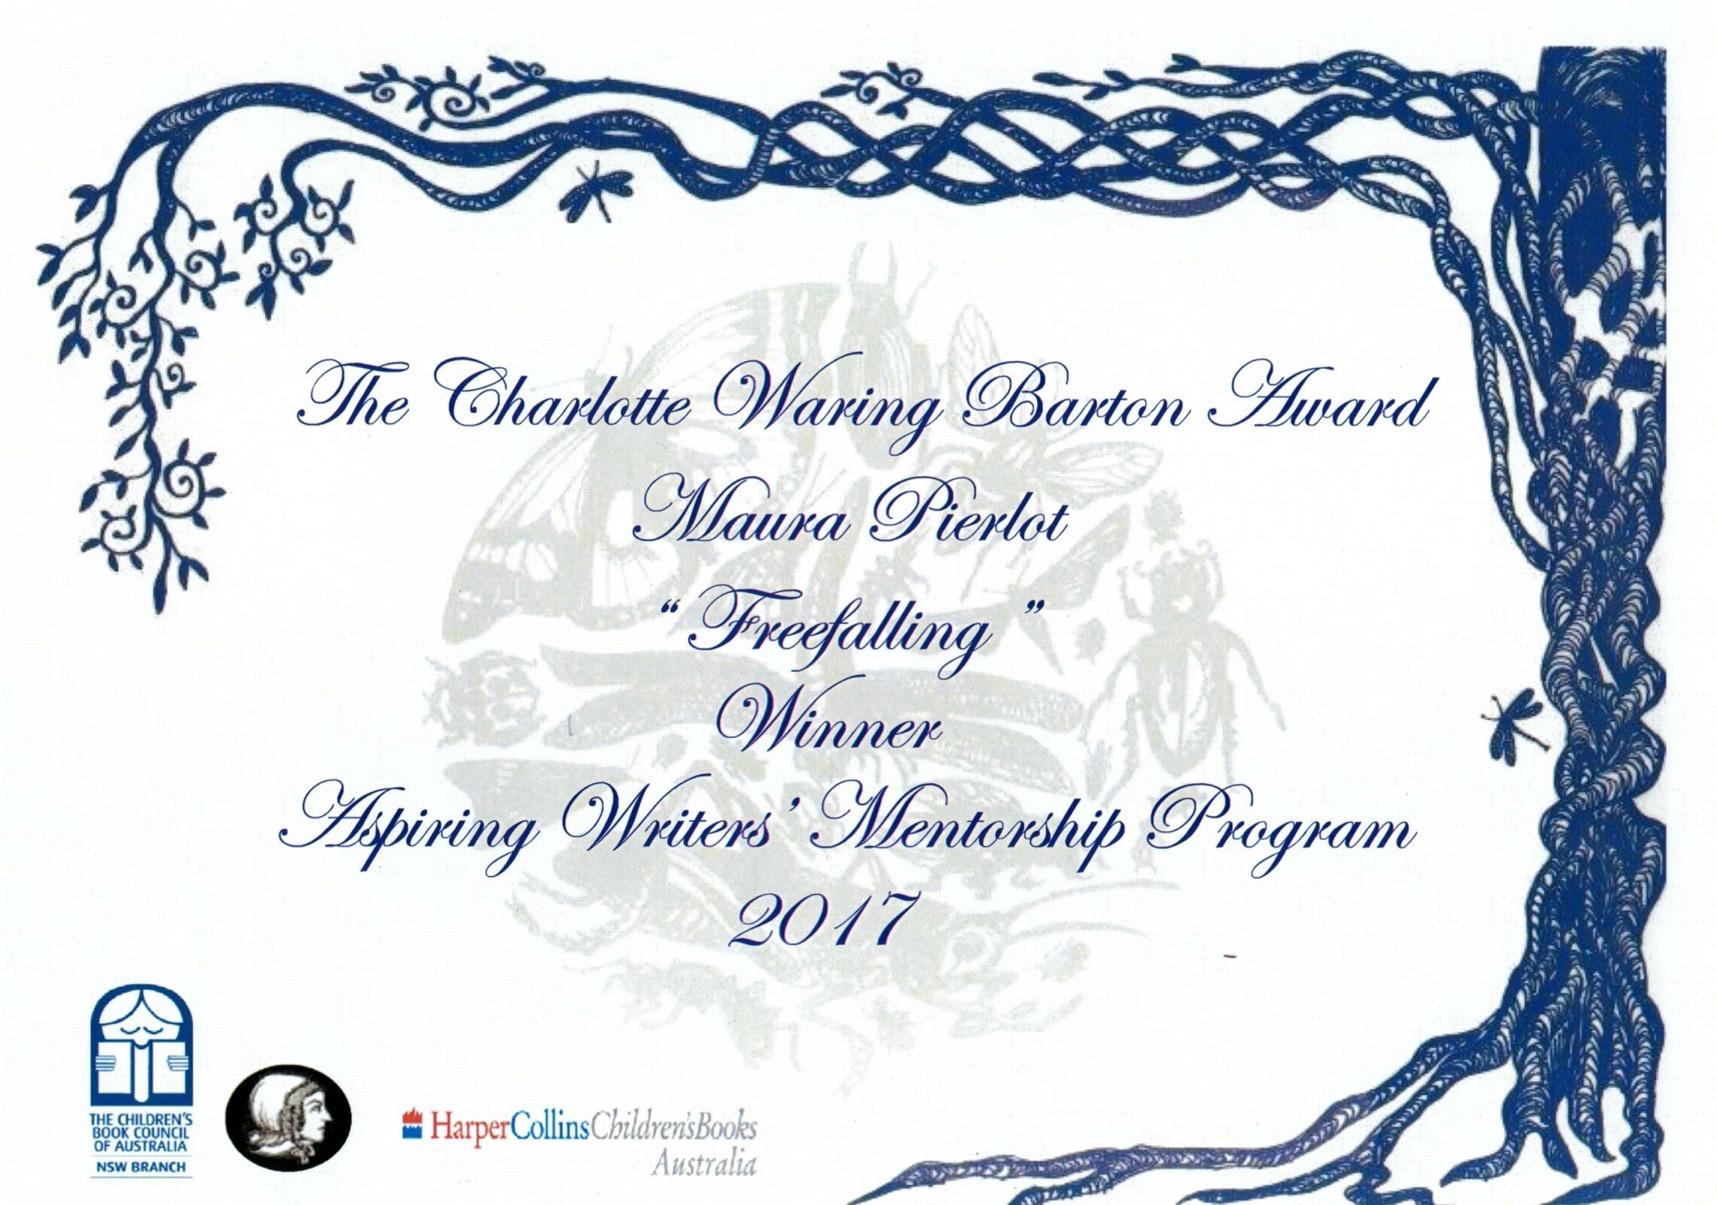 AWMP 2017 winner certificate.jpg